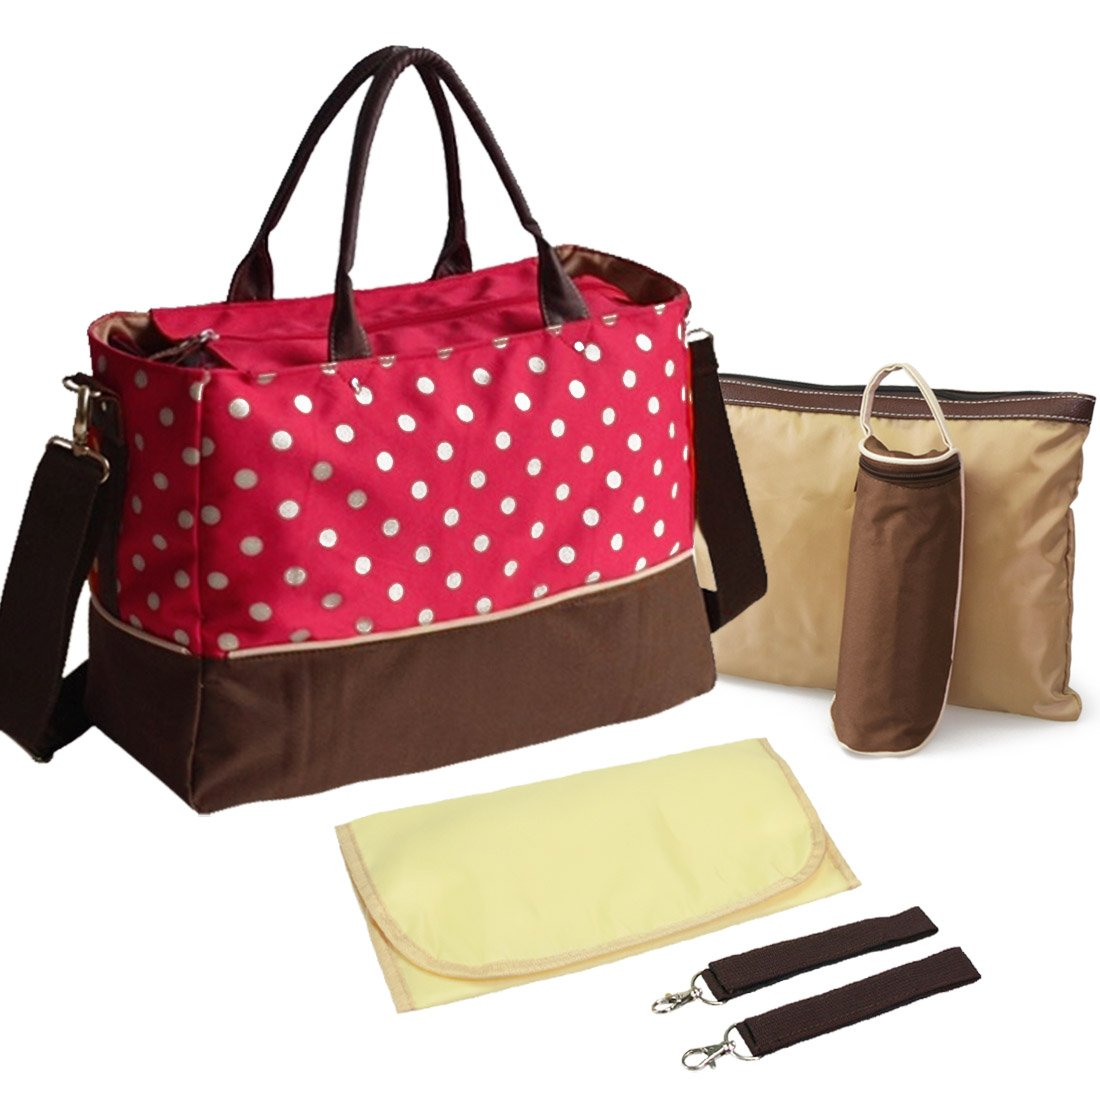 KF Baby Luv Diaper Bag Value Set, with Crossbody bag strap, Stroller hooks, more kilofly